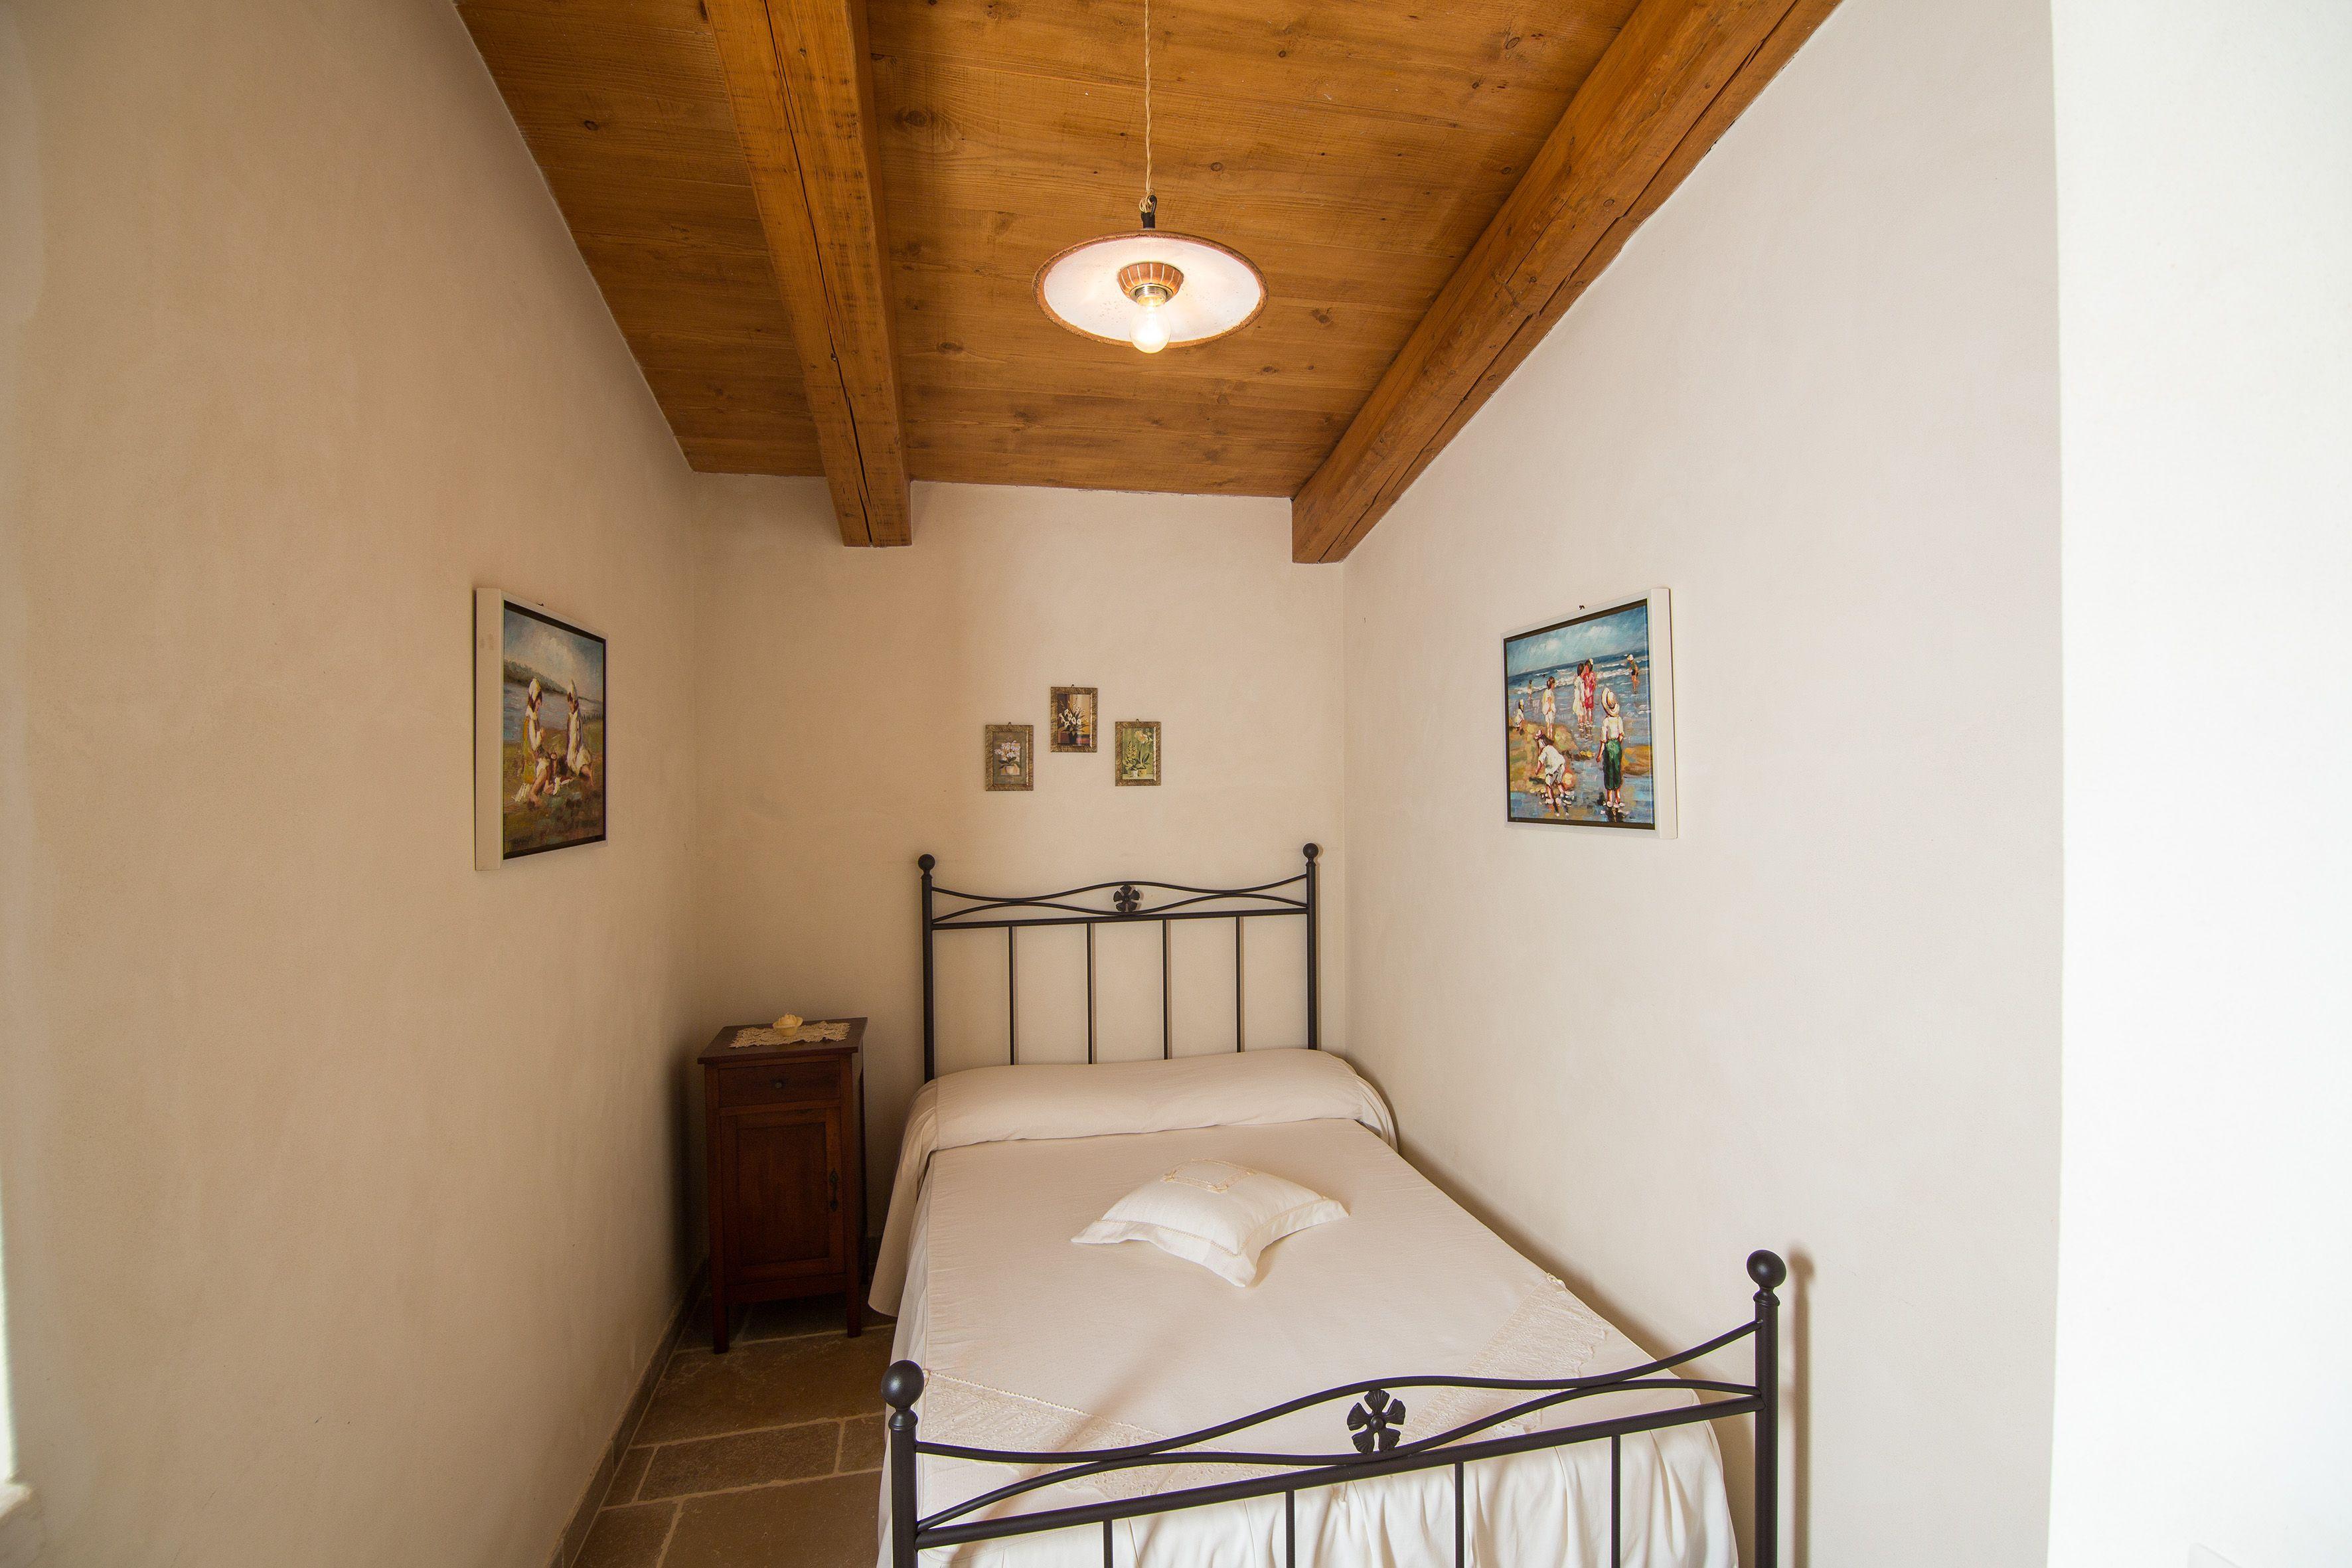 Camera da letto alla francese | Casa Glicine | Pinterest